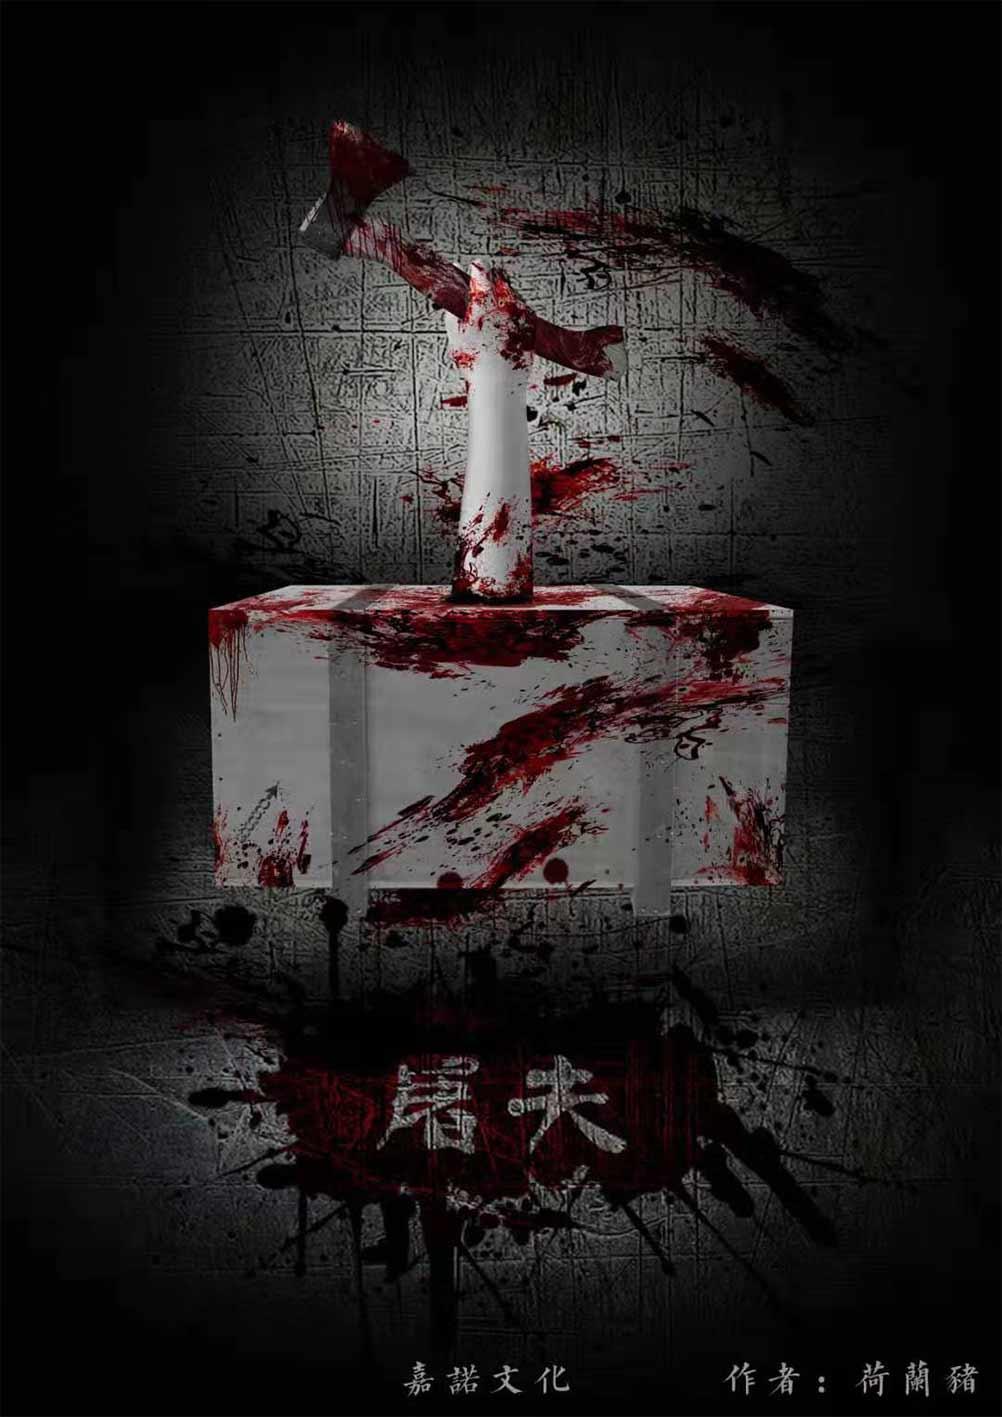 『屠夫』剧本杀复盘_凶手作案手法揭秘_答案_线索_真相解析